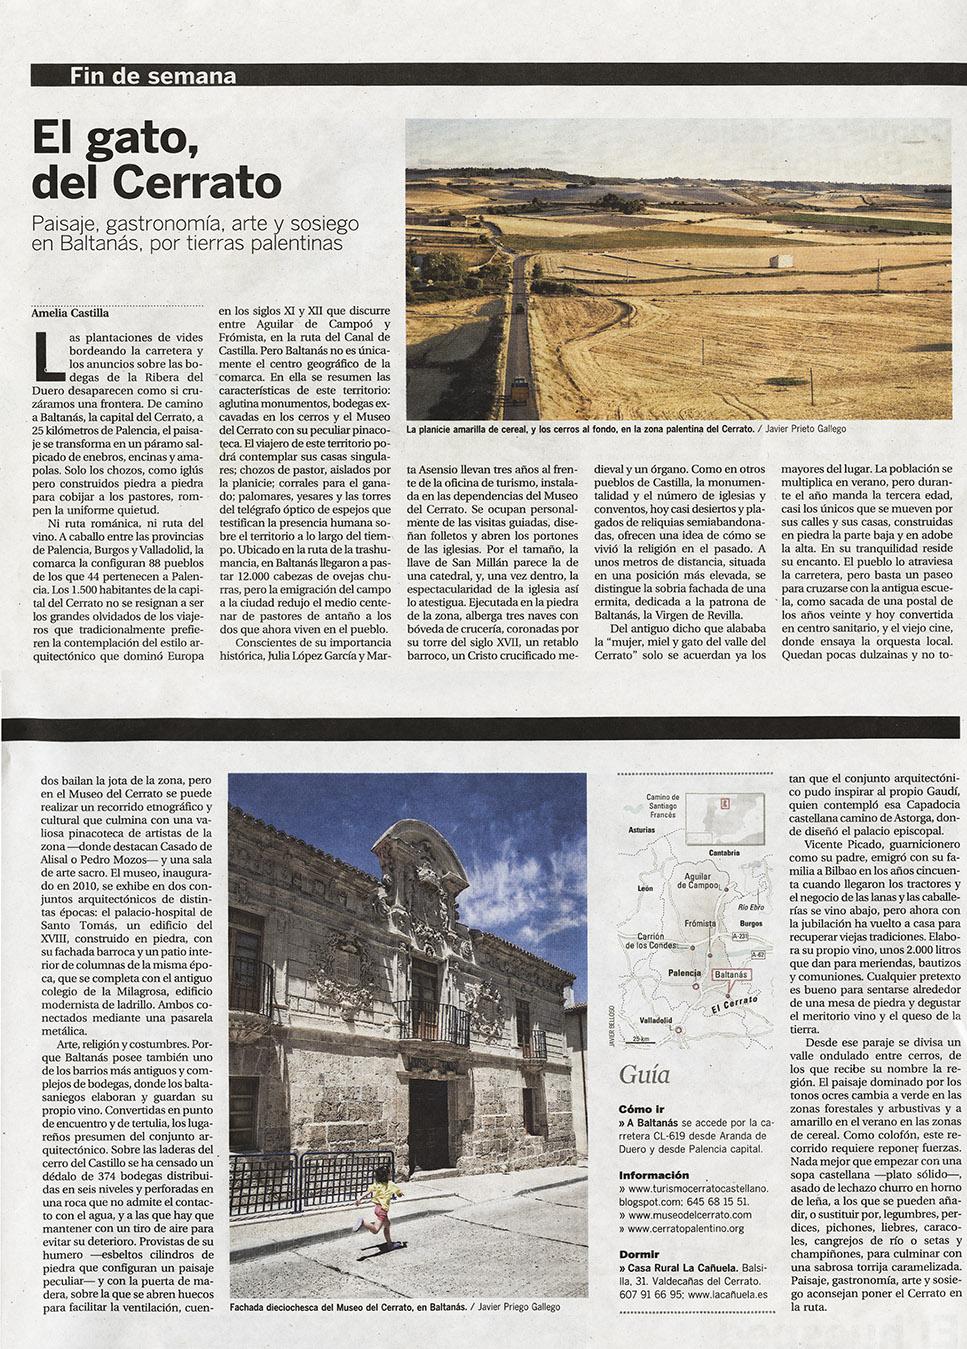 2014/07/18 EL VIAJERO/ EL PAÍS. Reportaje sobre El Cerrato con fotos de Javier Prieto Gallego